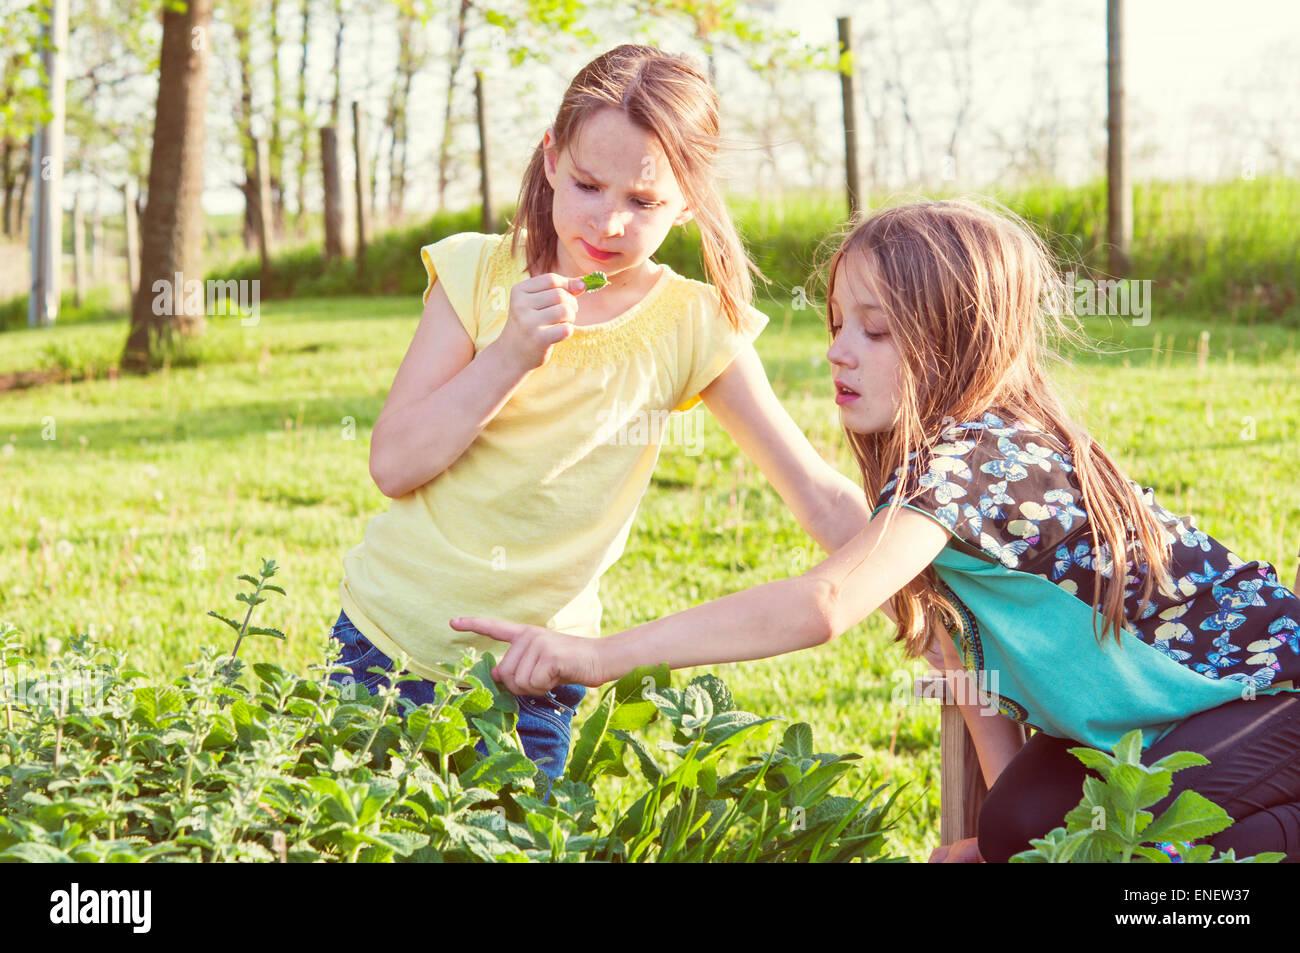 Mädchen im Kräutergarten Stockfoto